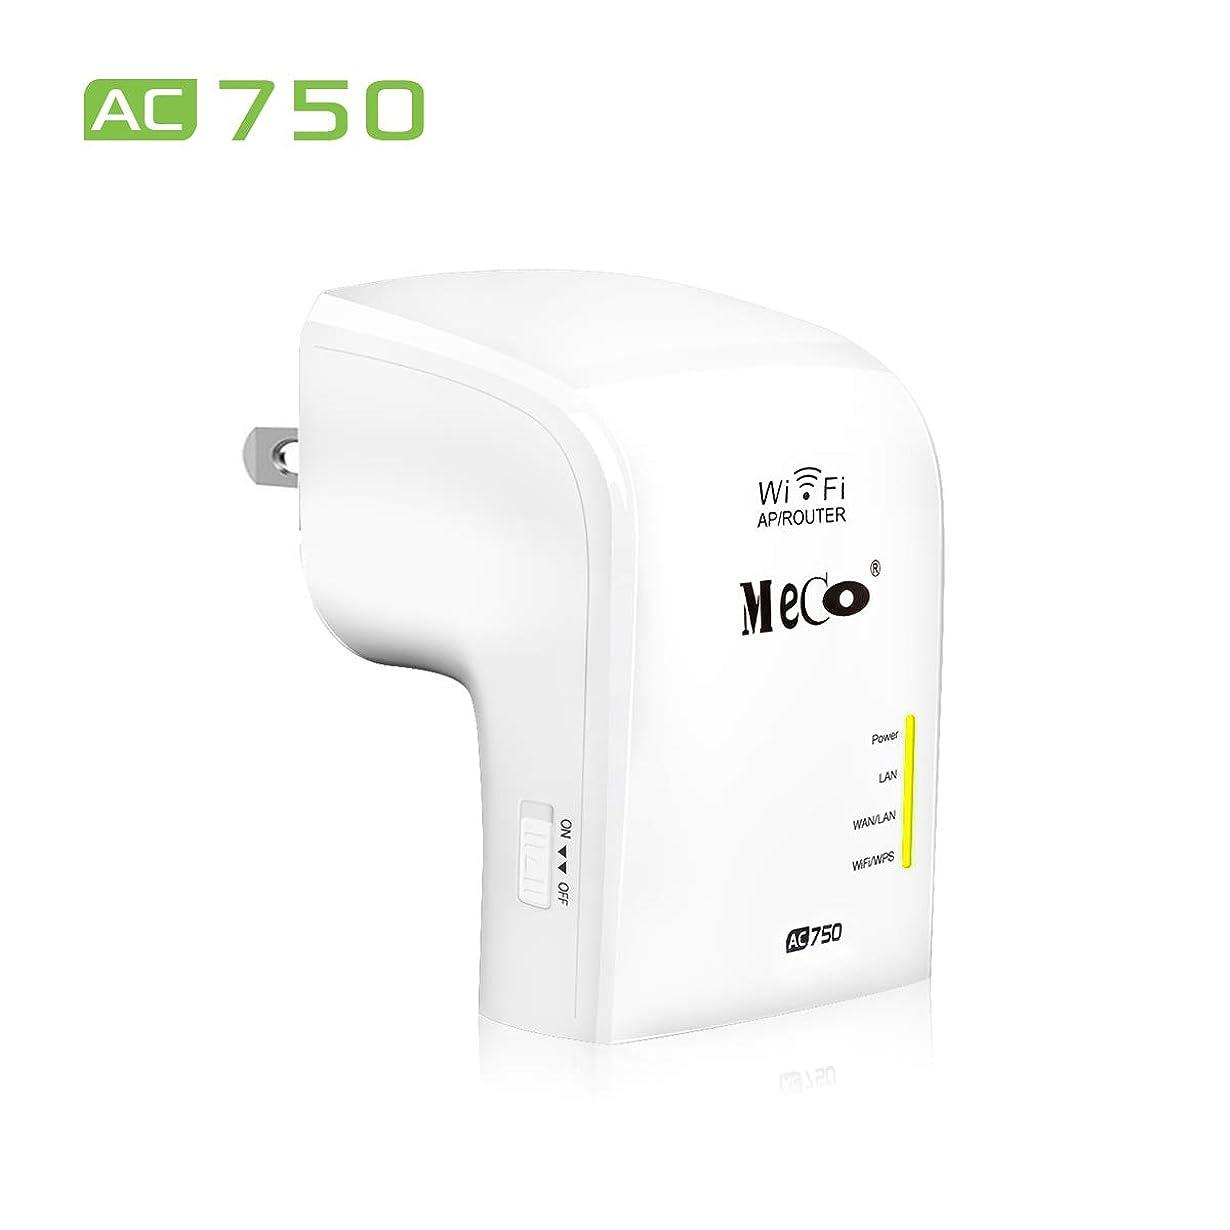 硬化するしなければならない振る舞うMECO WIFI 無線LAN中継器 433+300Mbps コンセント直挿し wifi中継器 無線信号中継装置 2 LANポート WPS ルーター/AP/リピータ 無線信号増幅装備 wifi 無線LAN 中継機 信号 増幅器 ホワイト